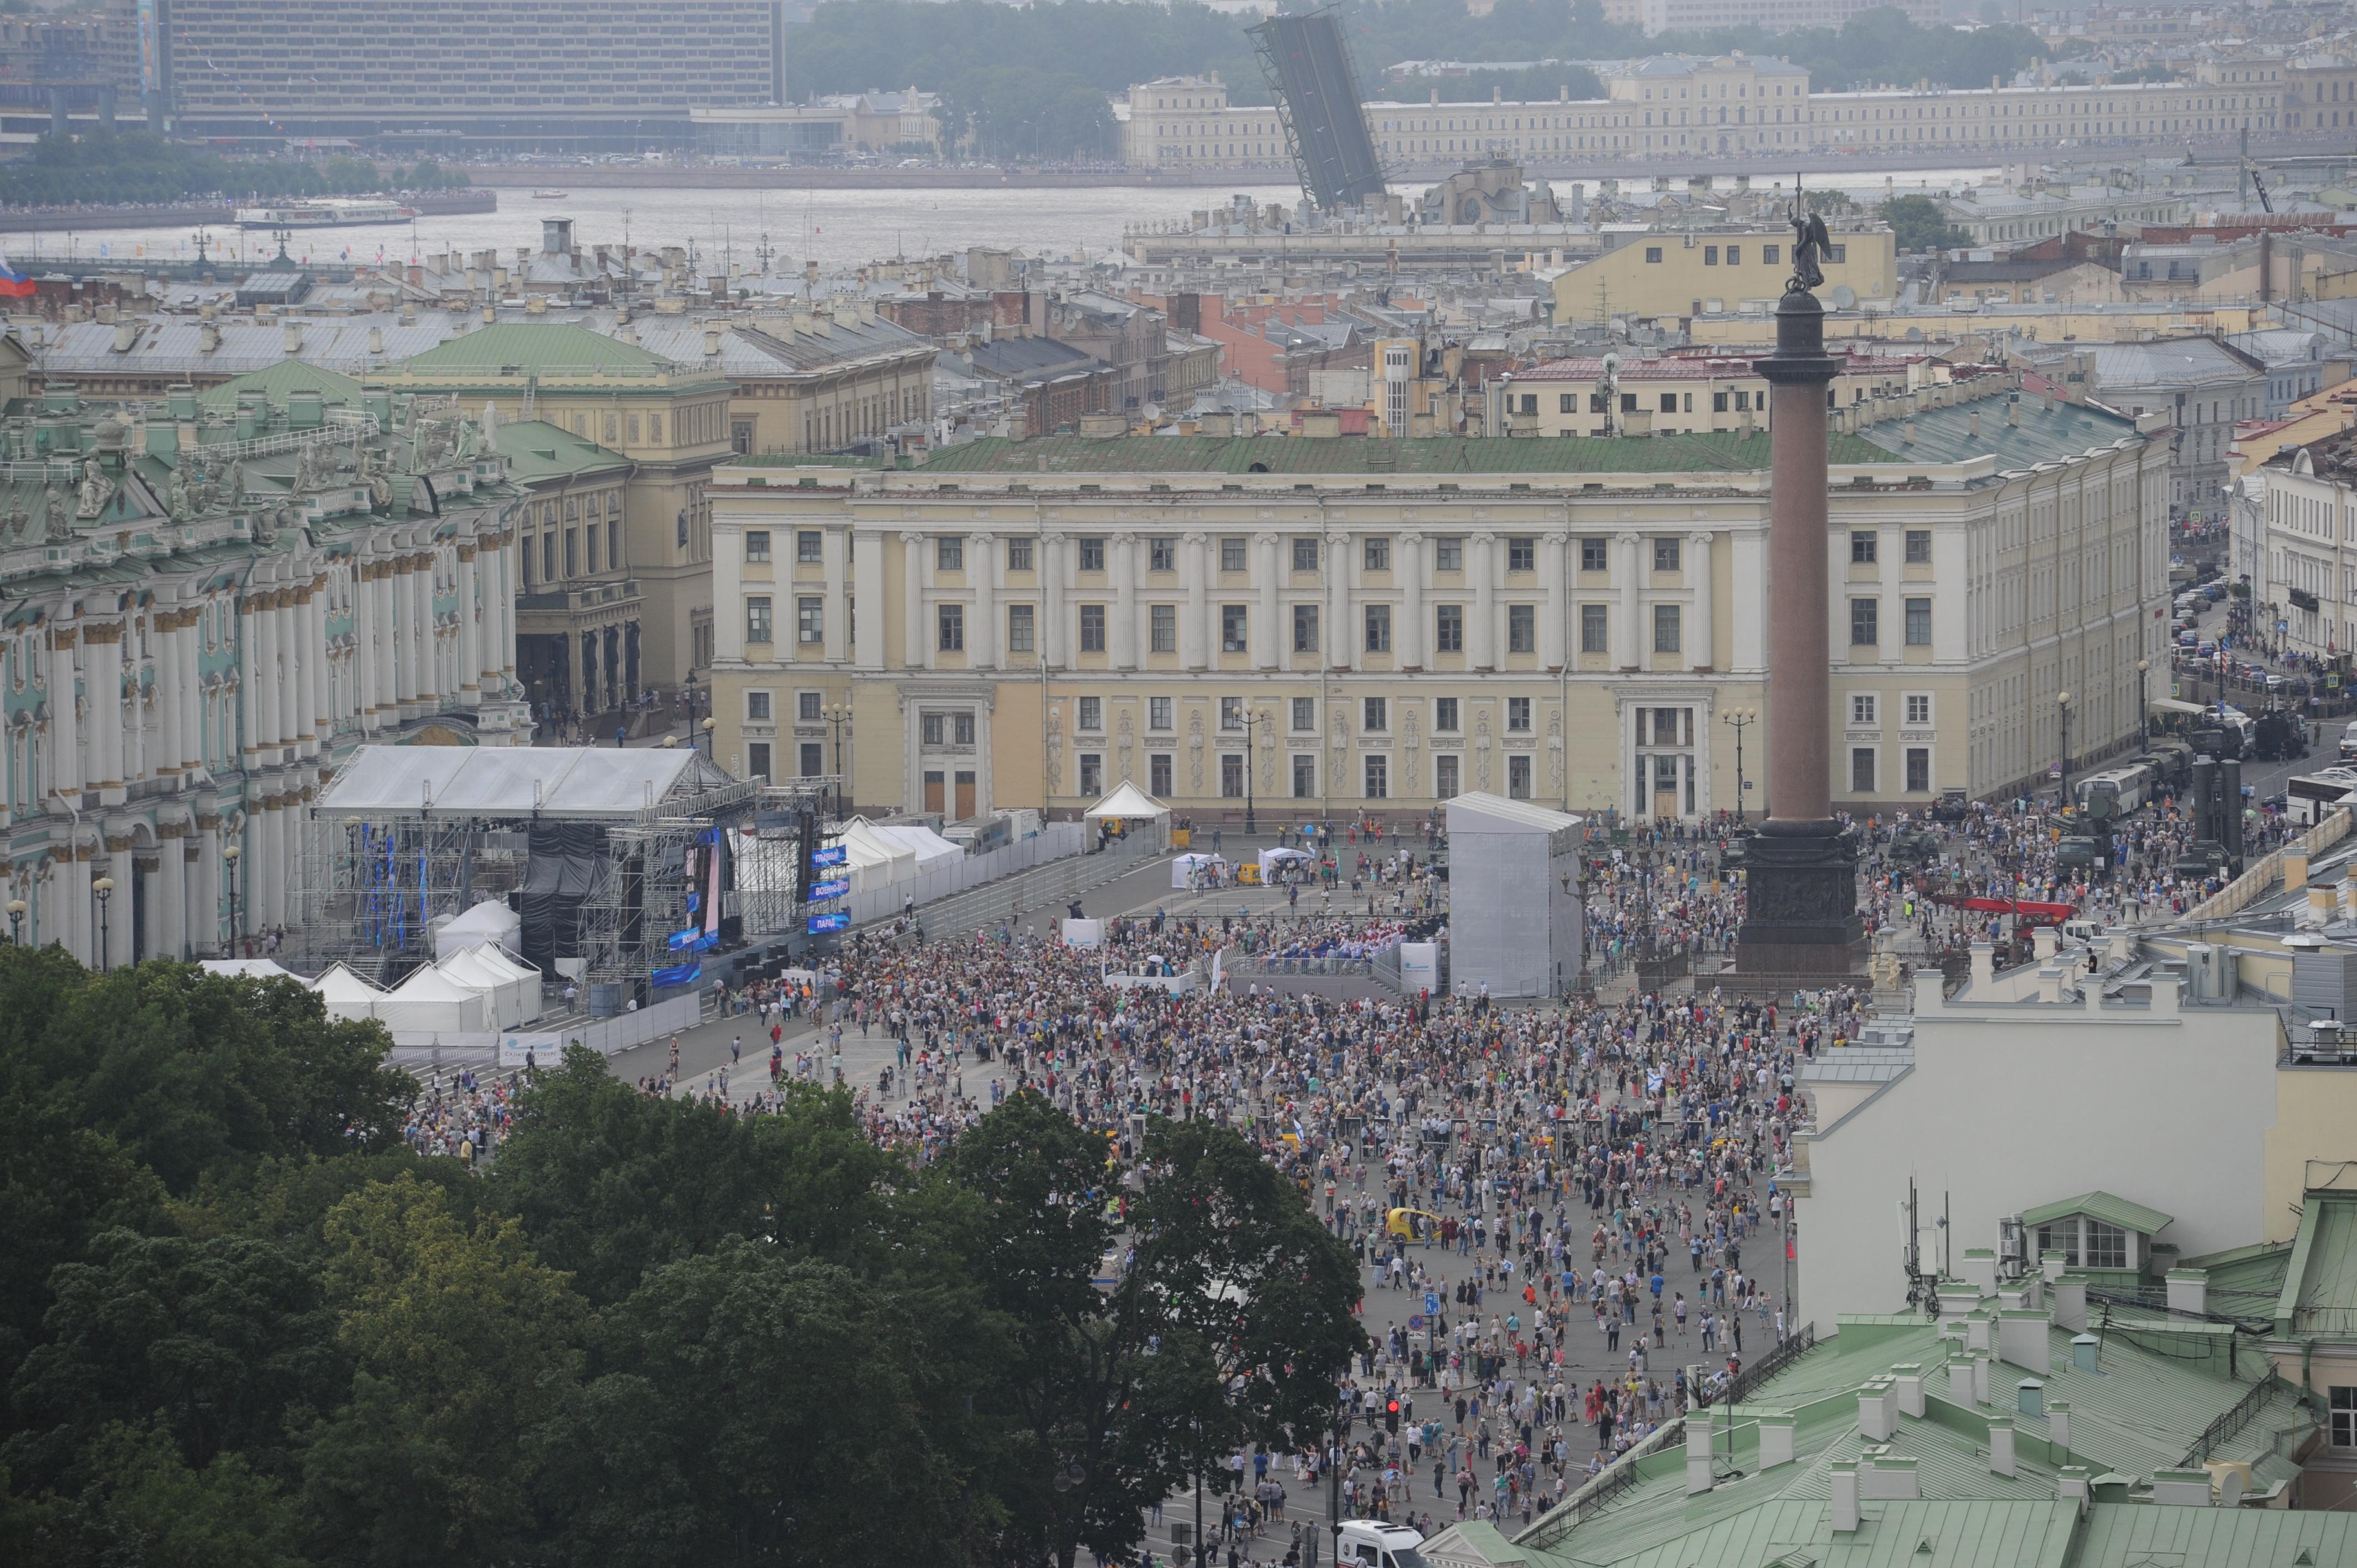 Концерт на Дворцовой длится весь день после парада. Фото: Олег ЗОЛОТО